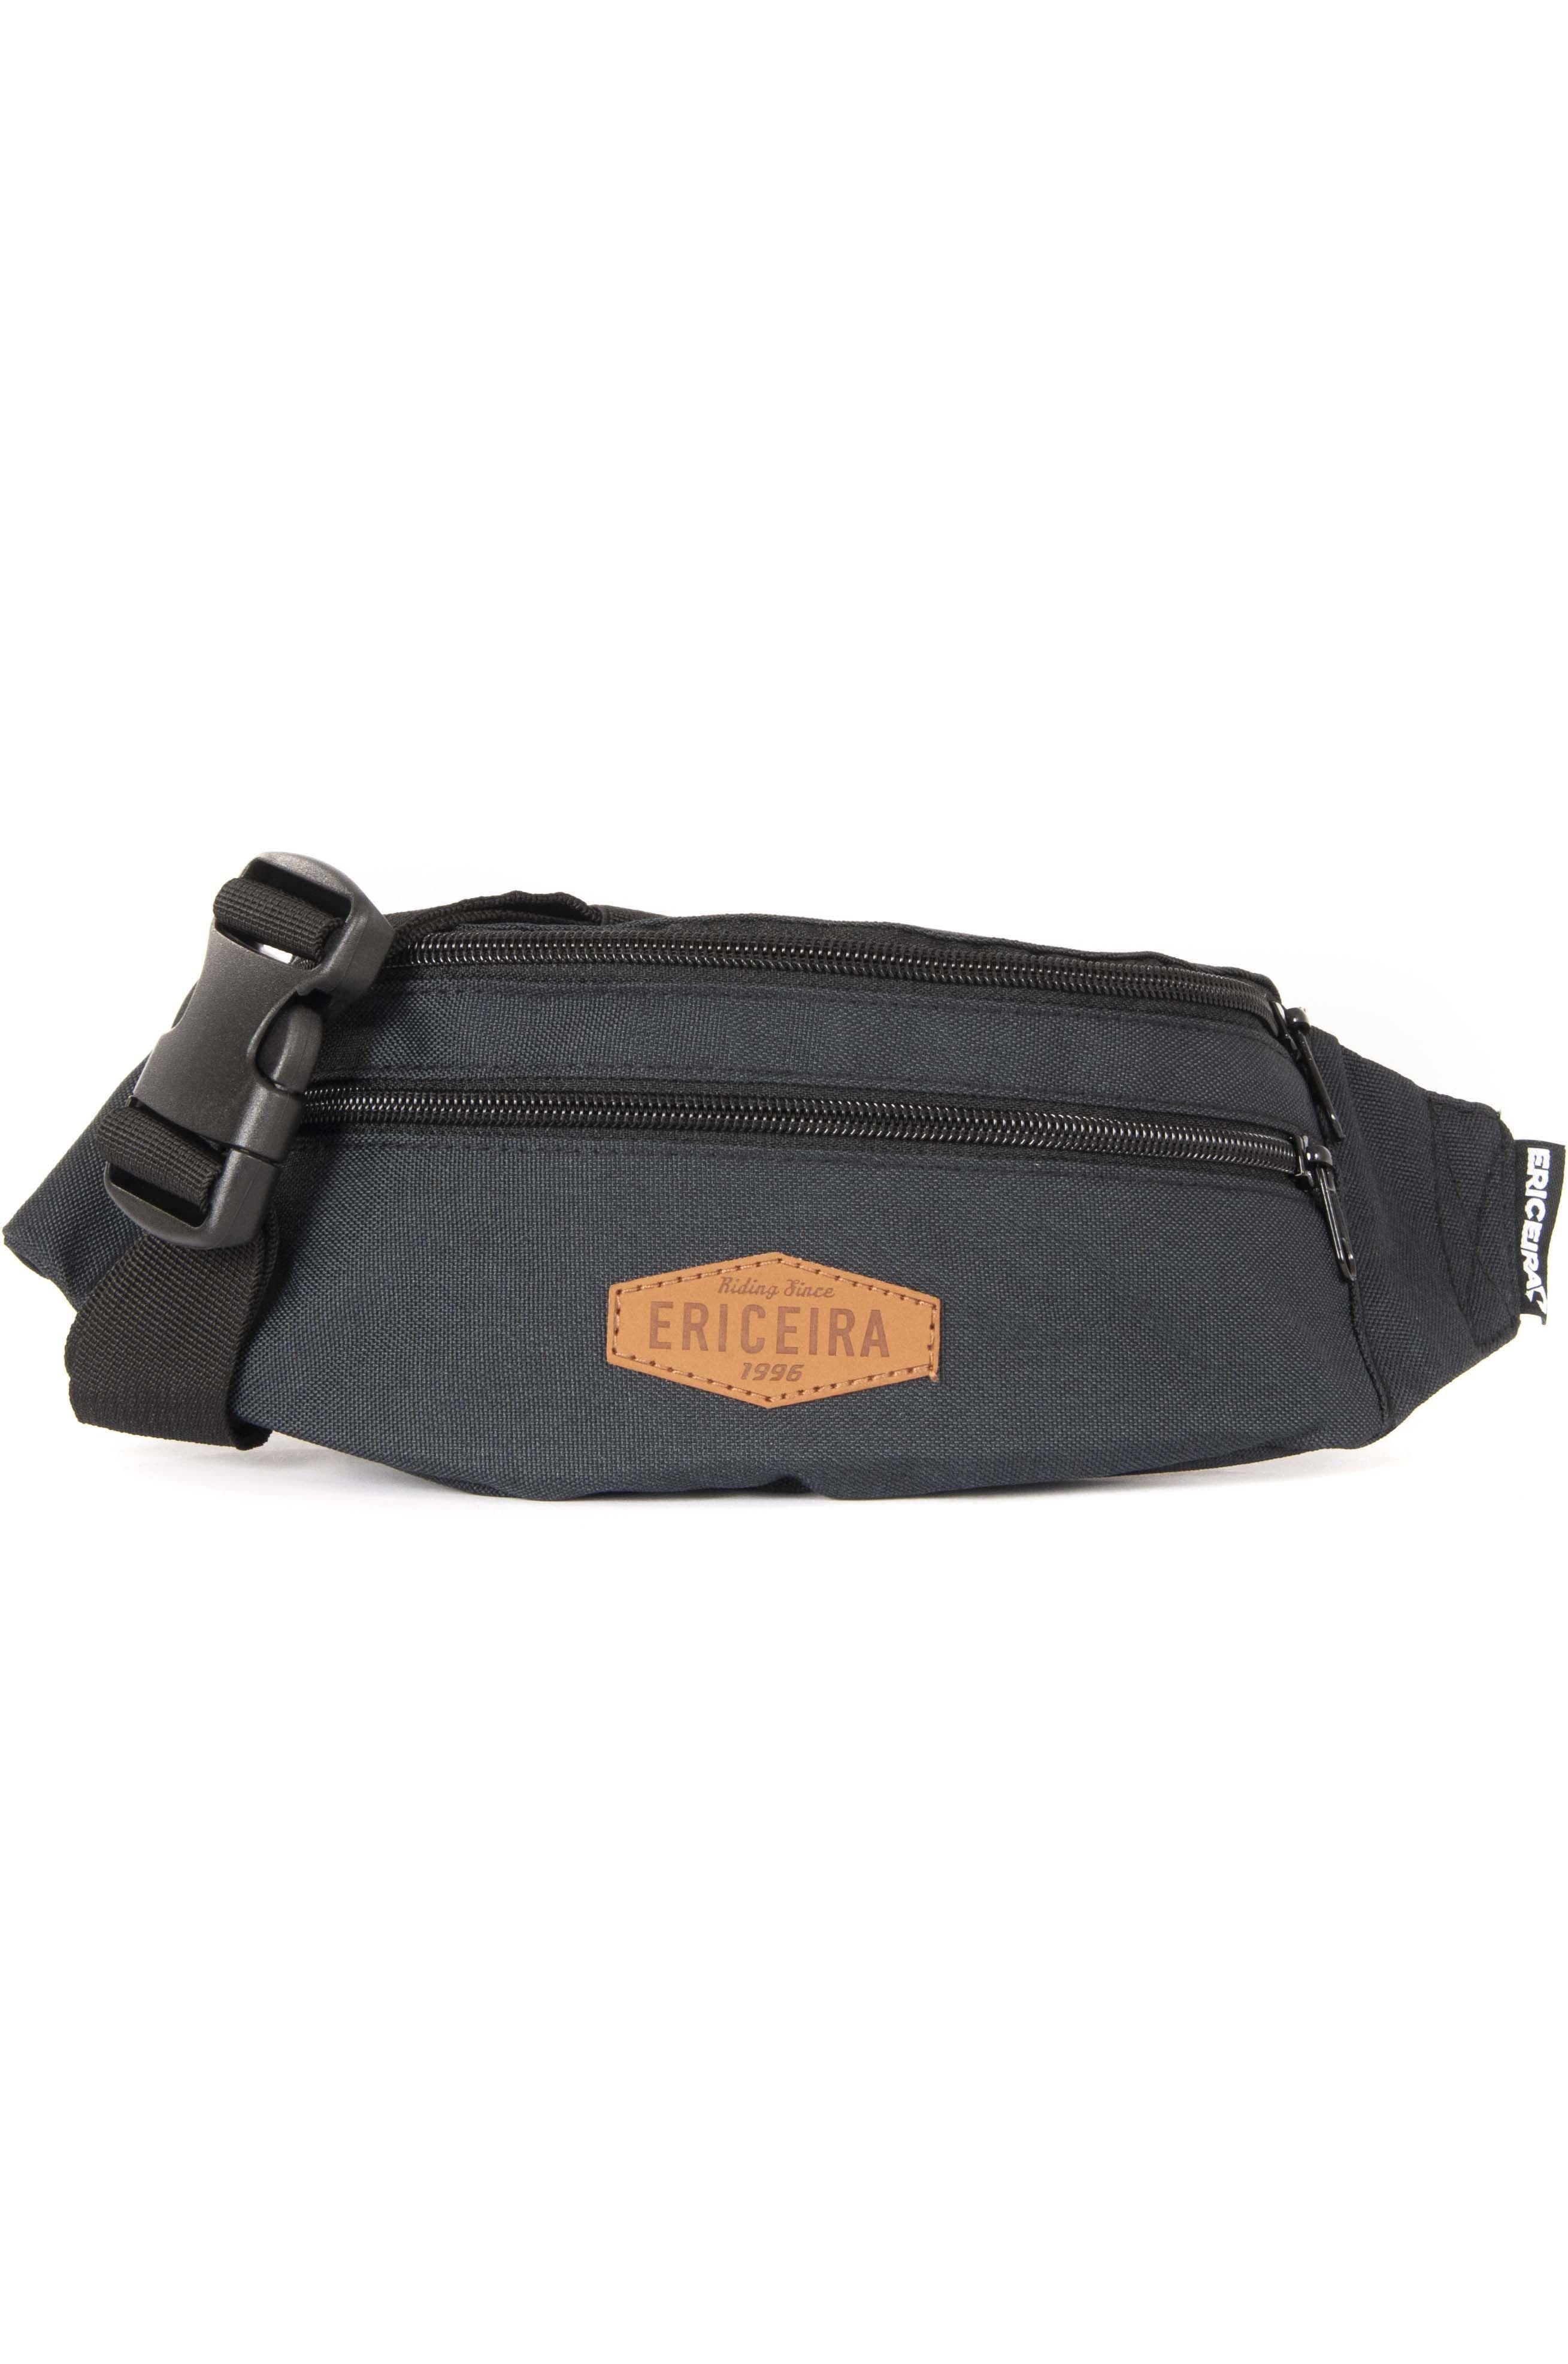 Bolsa Cintura Ericeira Surf Skate NEW YORK Black